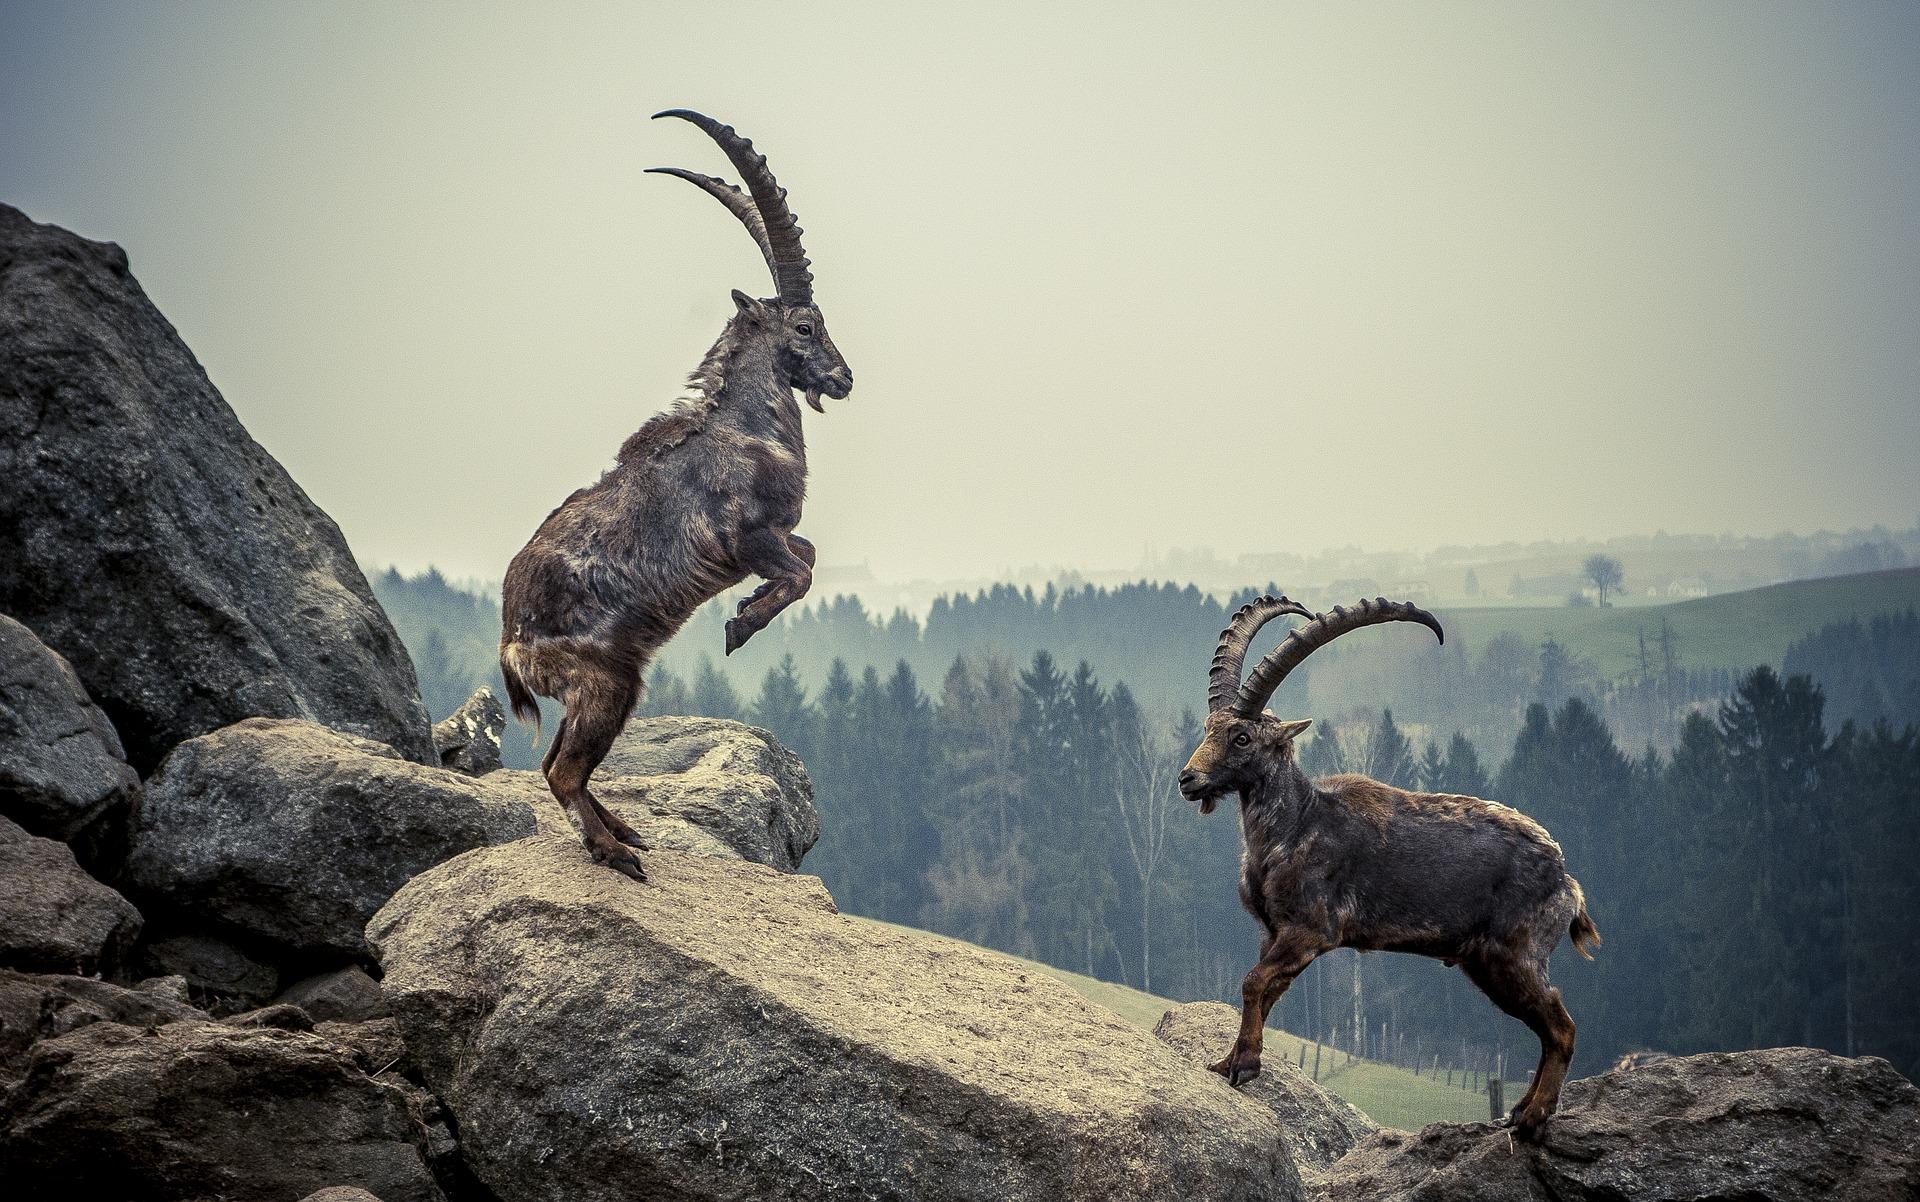 Alpensteinbock - ibex